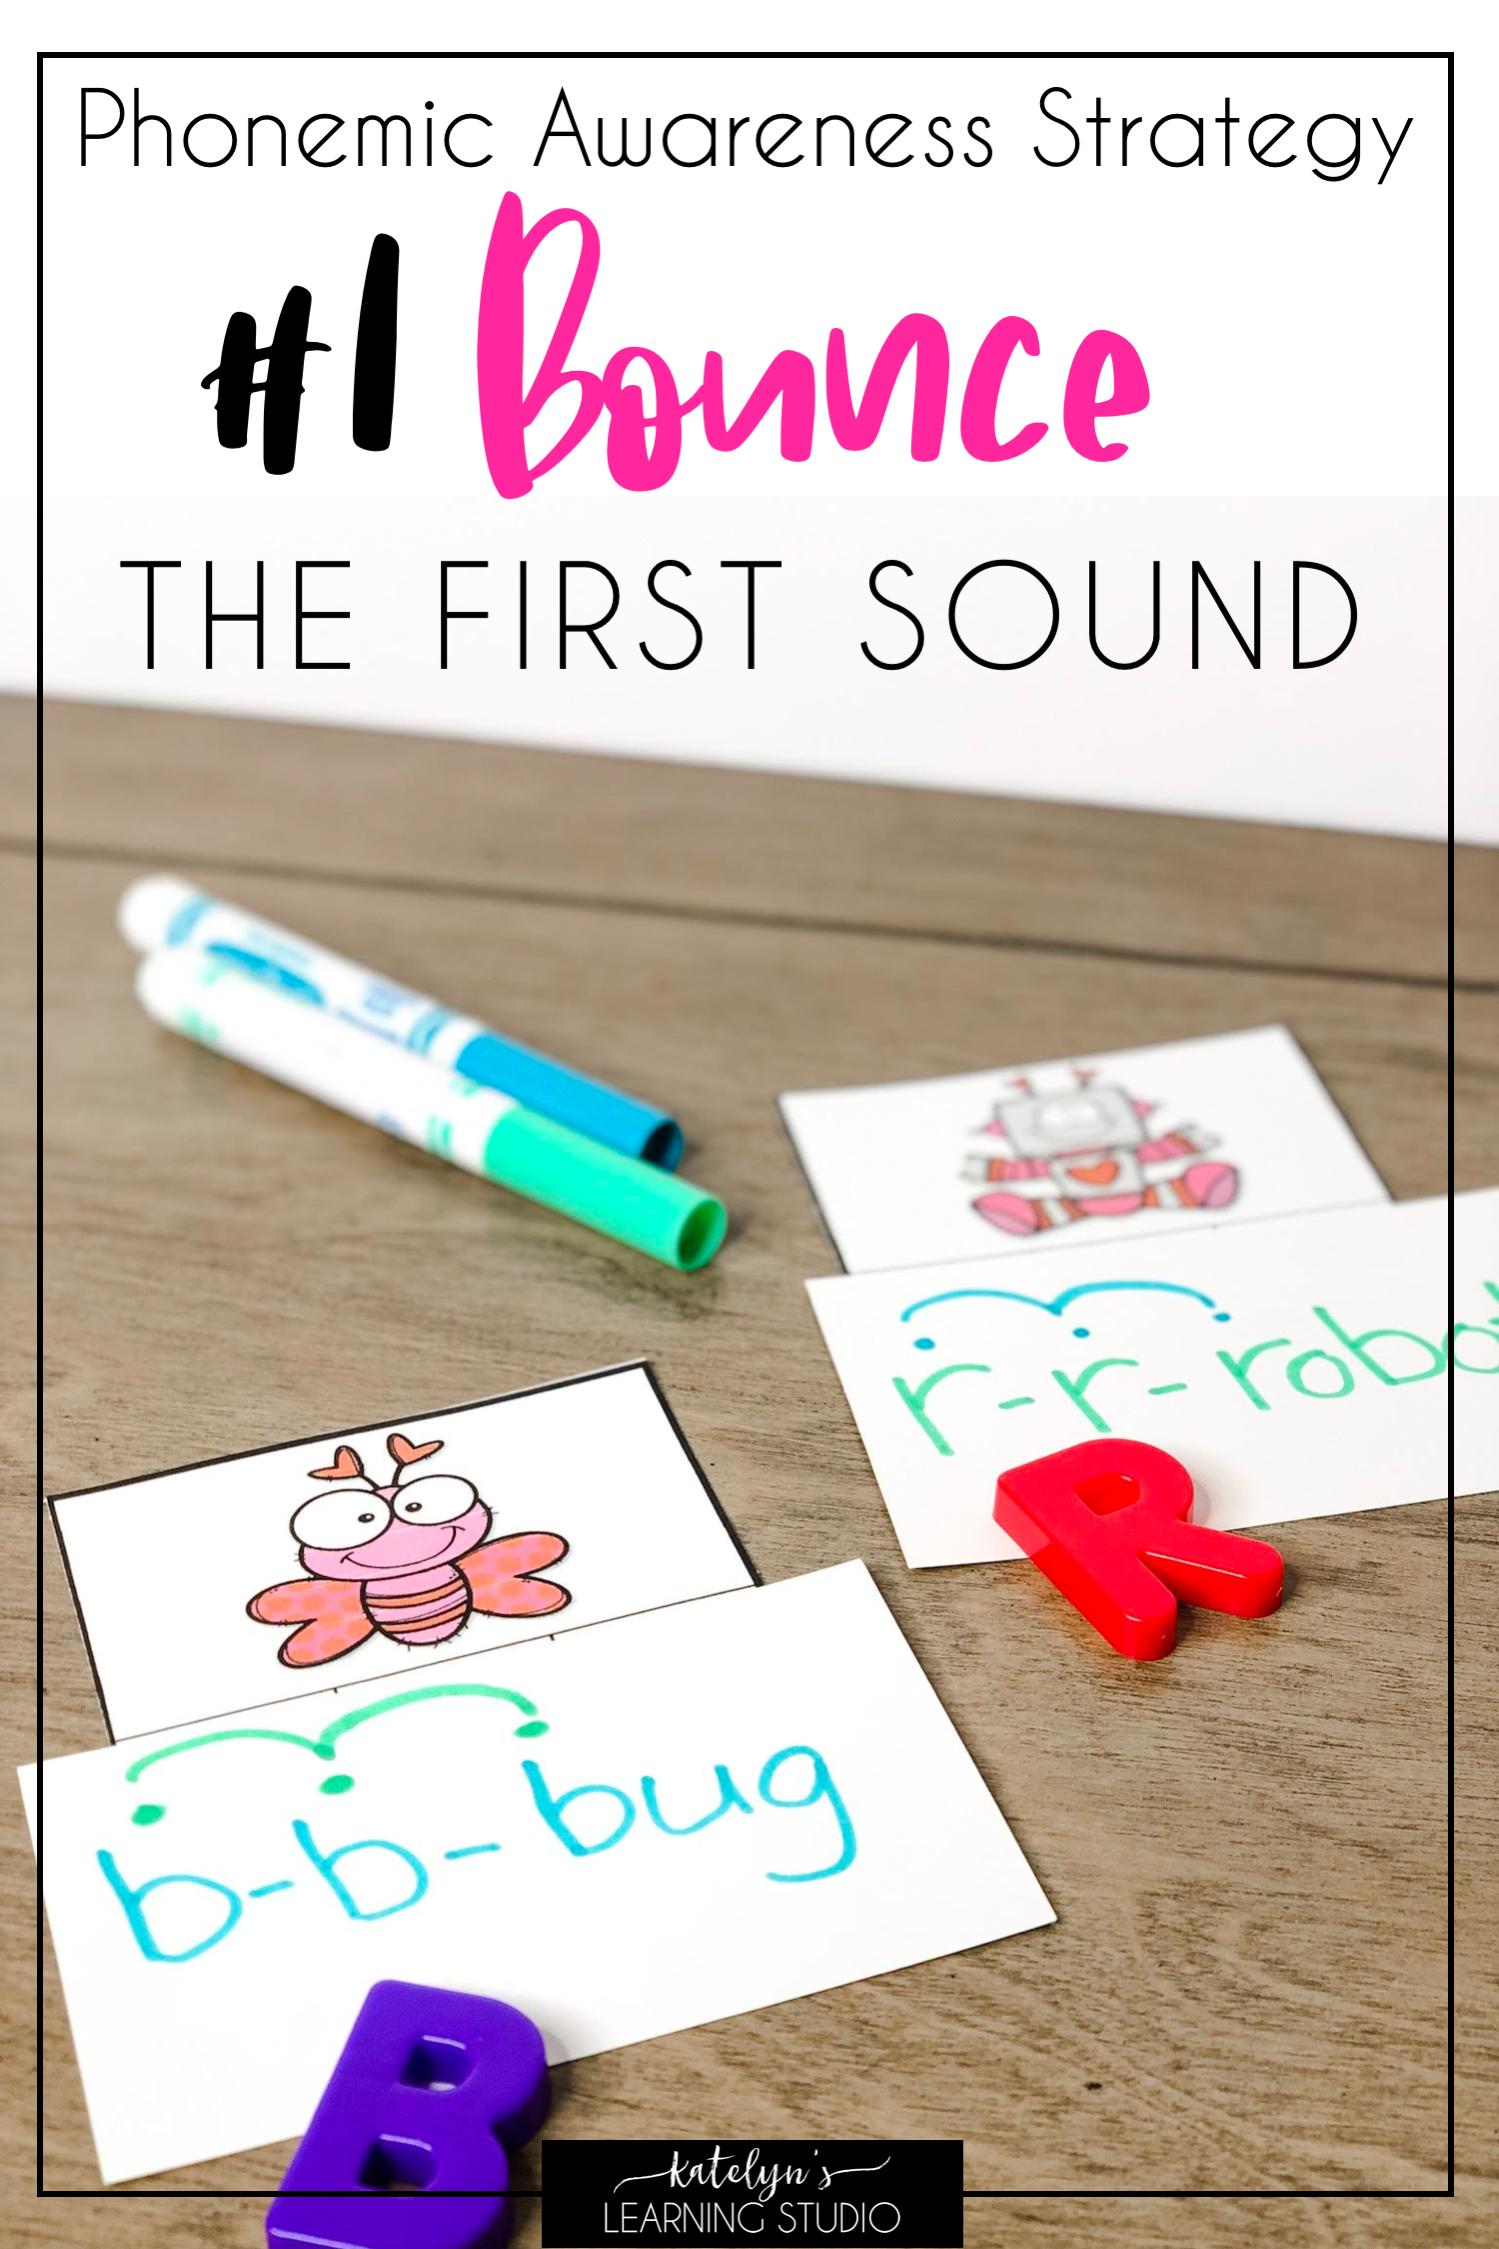 Phonemic Awareness Activities For Kindergarten Or First